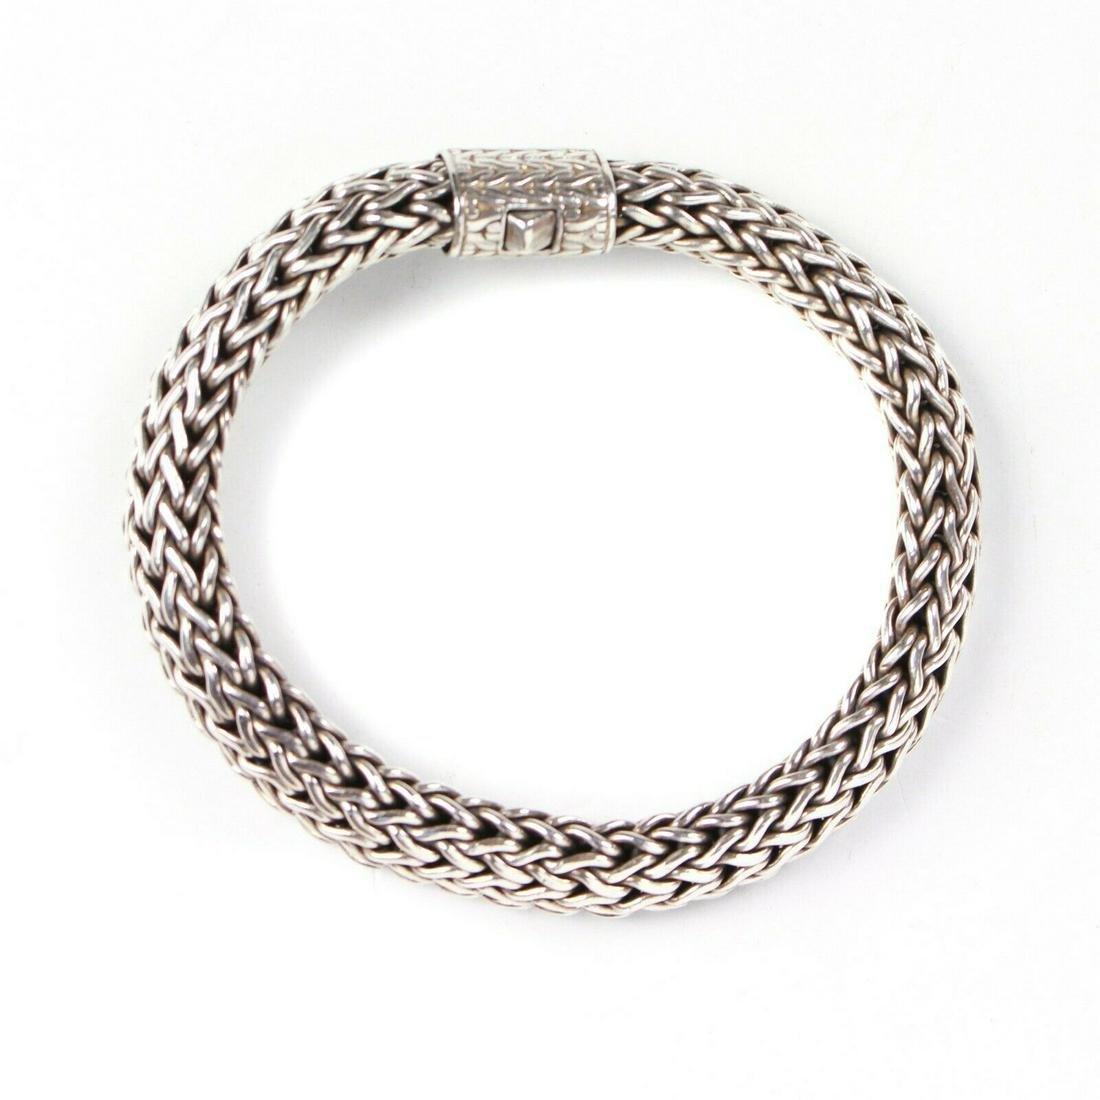 John Hardy - Bracelet - Sterling Silver Chain .925